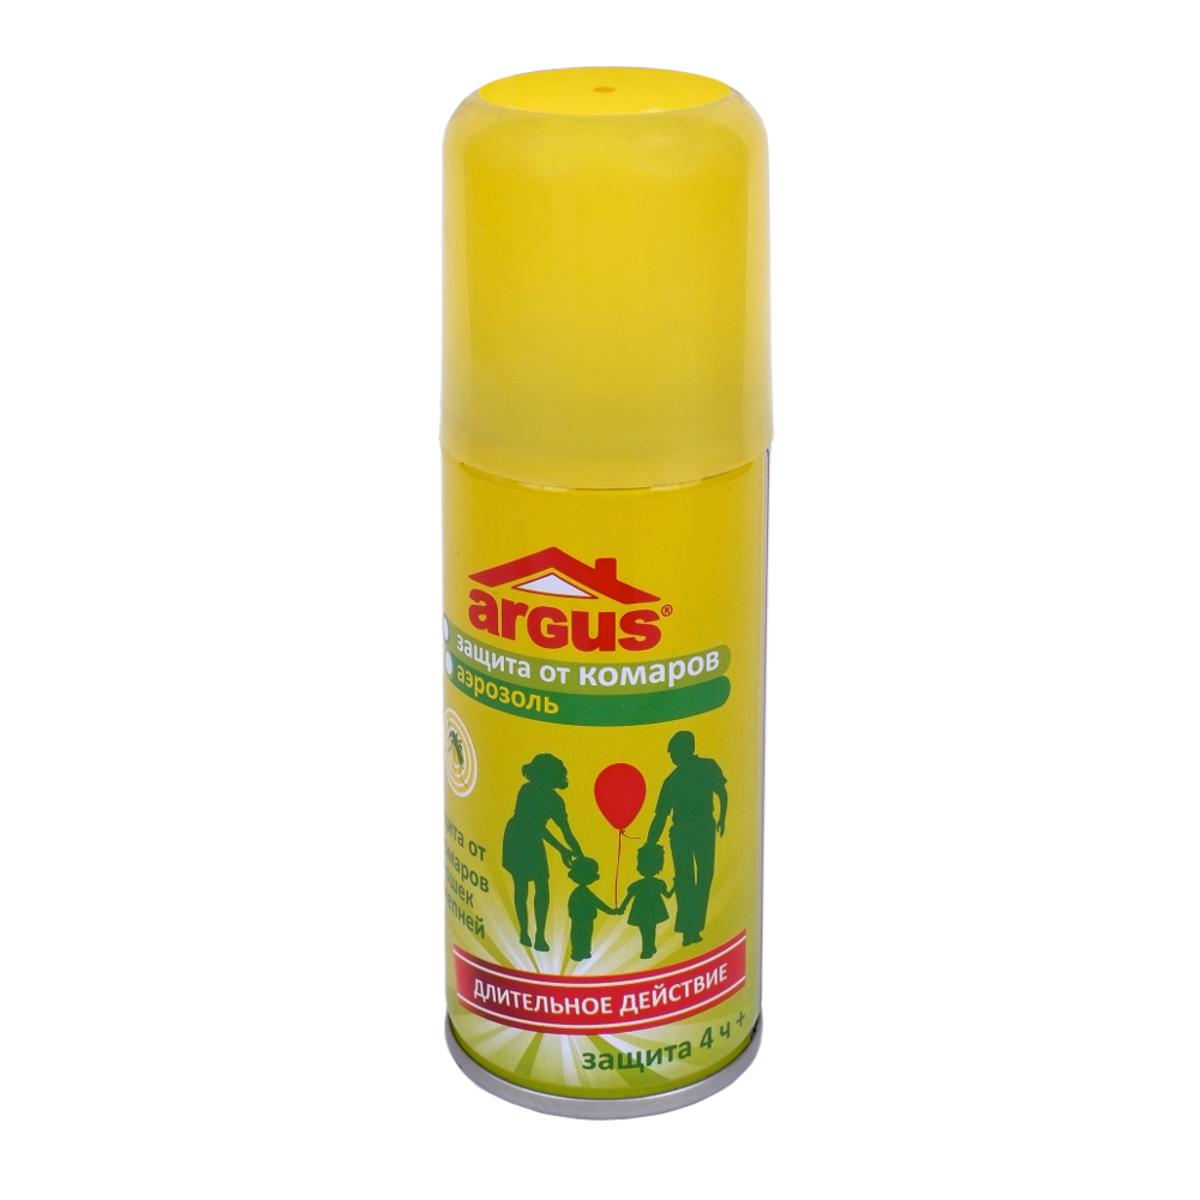 Аэрозоль против насекомых Argus, 100 млСЗ.010021Аэрозоль Argus предназначен для защиты людей от кровососущих насекомых (комаров, мошек, слепней, мокрецов, москитов, блох) при нанесении на открытые части тела и на одежду. Класс эффективности - высший. Время защитного действия при нанесении на кожу составляет более 4 часов даже при высокой численности насекомых, при нанесениии на одежду и изделия из ткани - до 20 суток. Состав: N,N-диэтилтолуамид 18%, пропиленгликоль, отдушка, углеводородный пропеллент, спирт изопропиловый. Не содержит озоноразрушающих хладонов. Уважаемые клиенты!Обращаем ваше внимание на возможные изменения в дизайне упаковки. Качественные характеристики товара остаются неизменными. Поставка осуществляется в зависимости от наличия на складе.